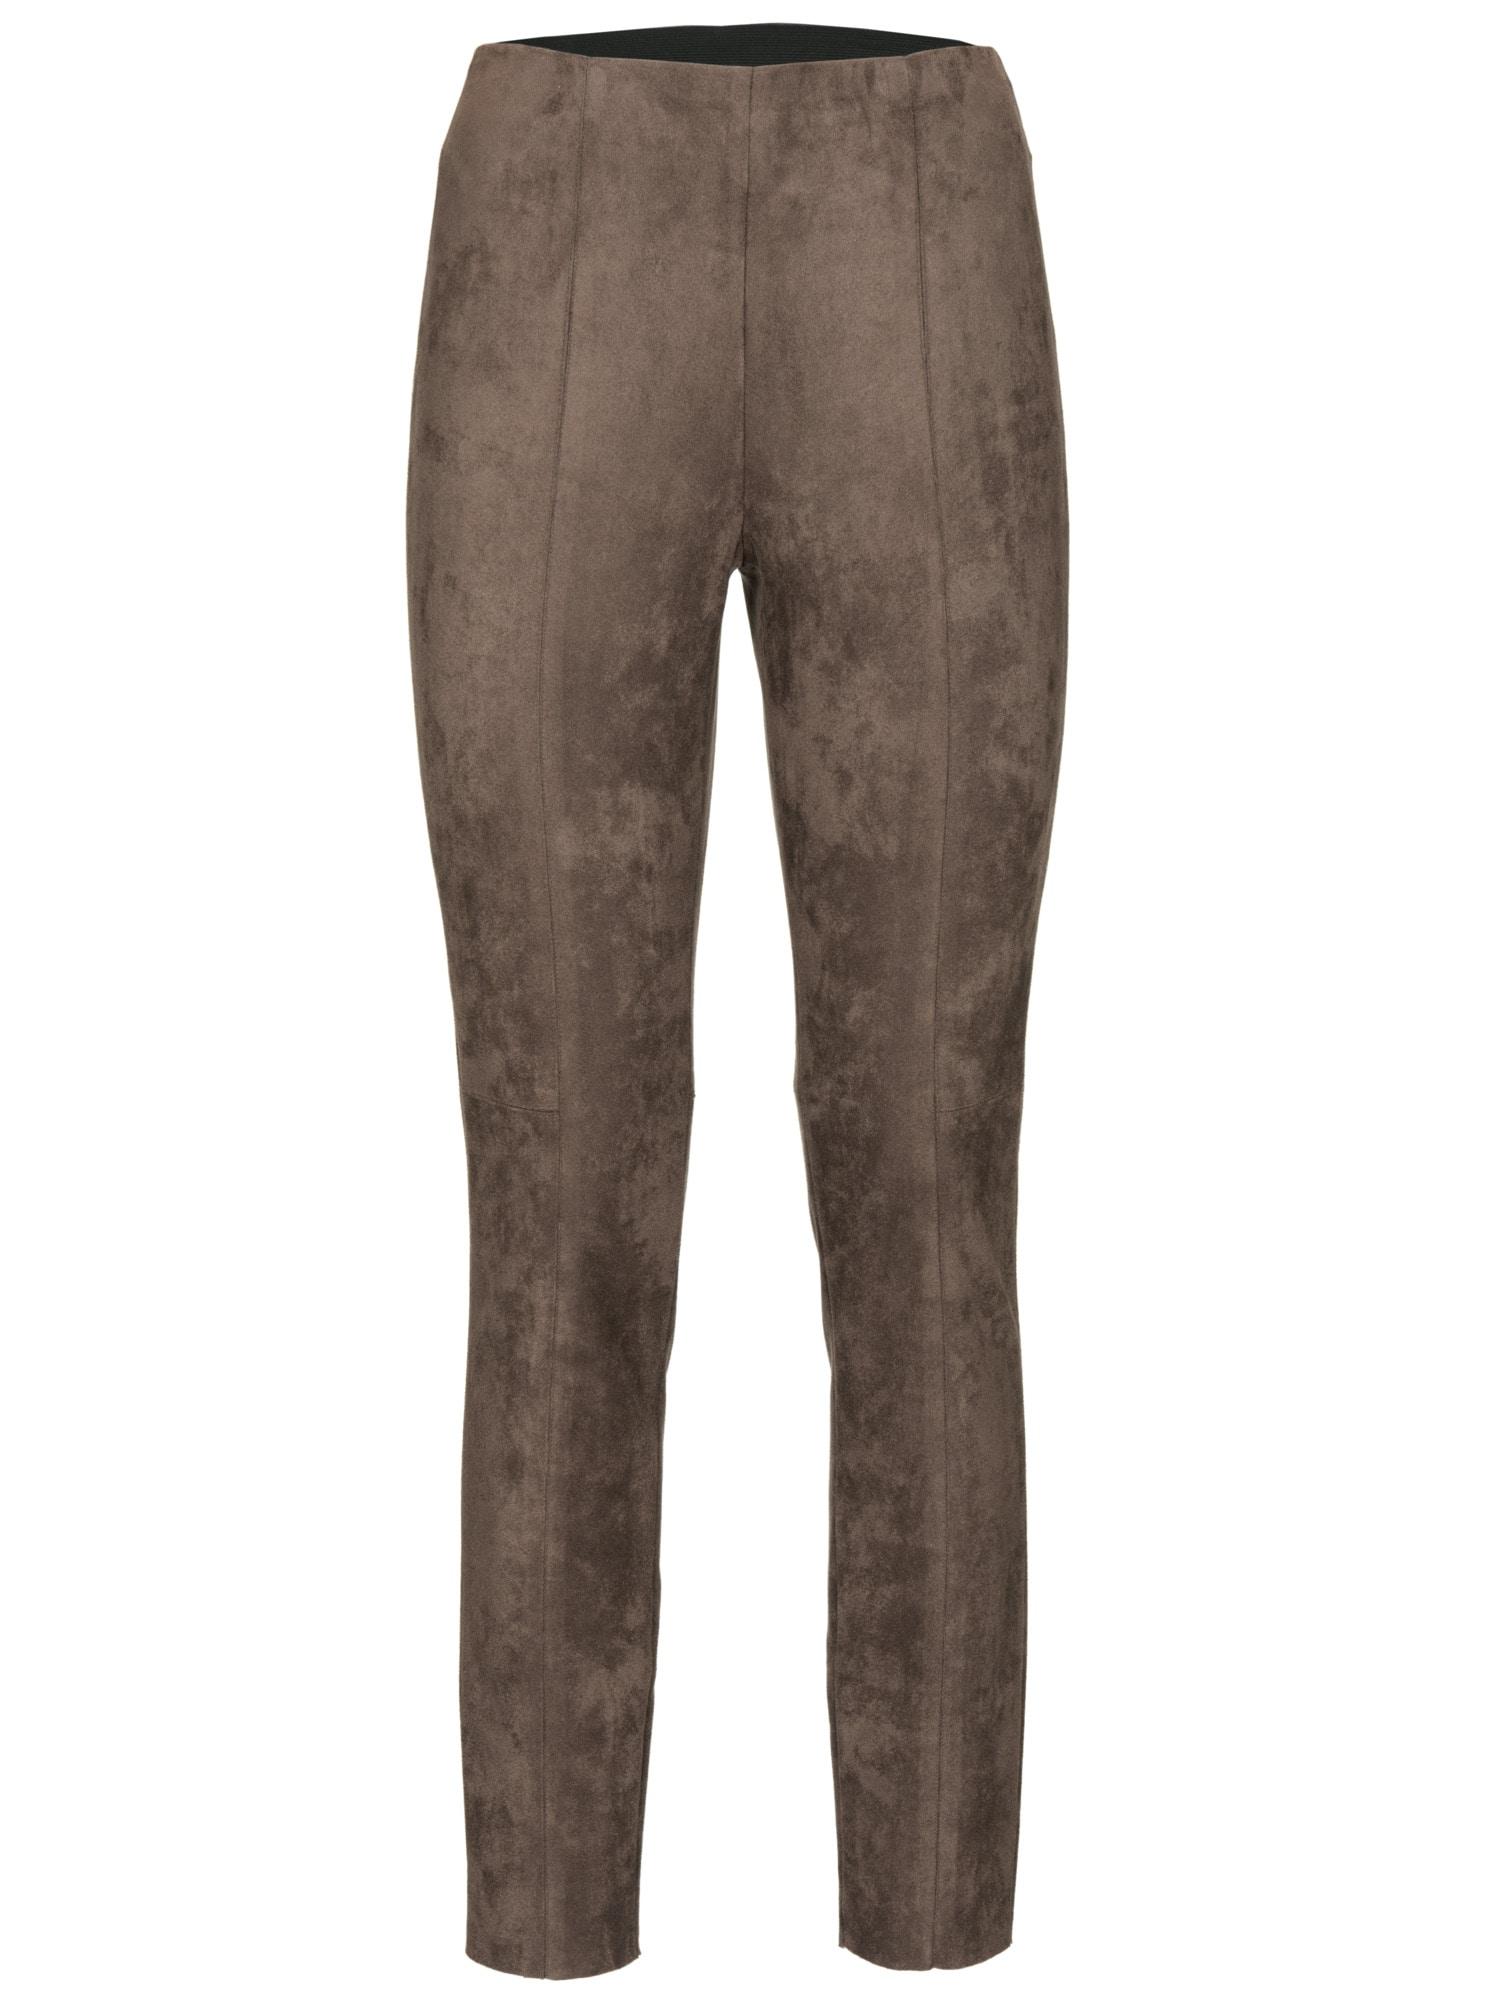 679feae438422c Bekleidung » Damen-Hosen online kaufen | Damenmode-Suchmaschine ...